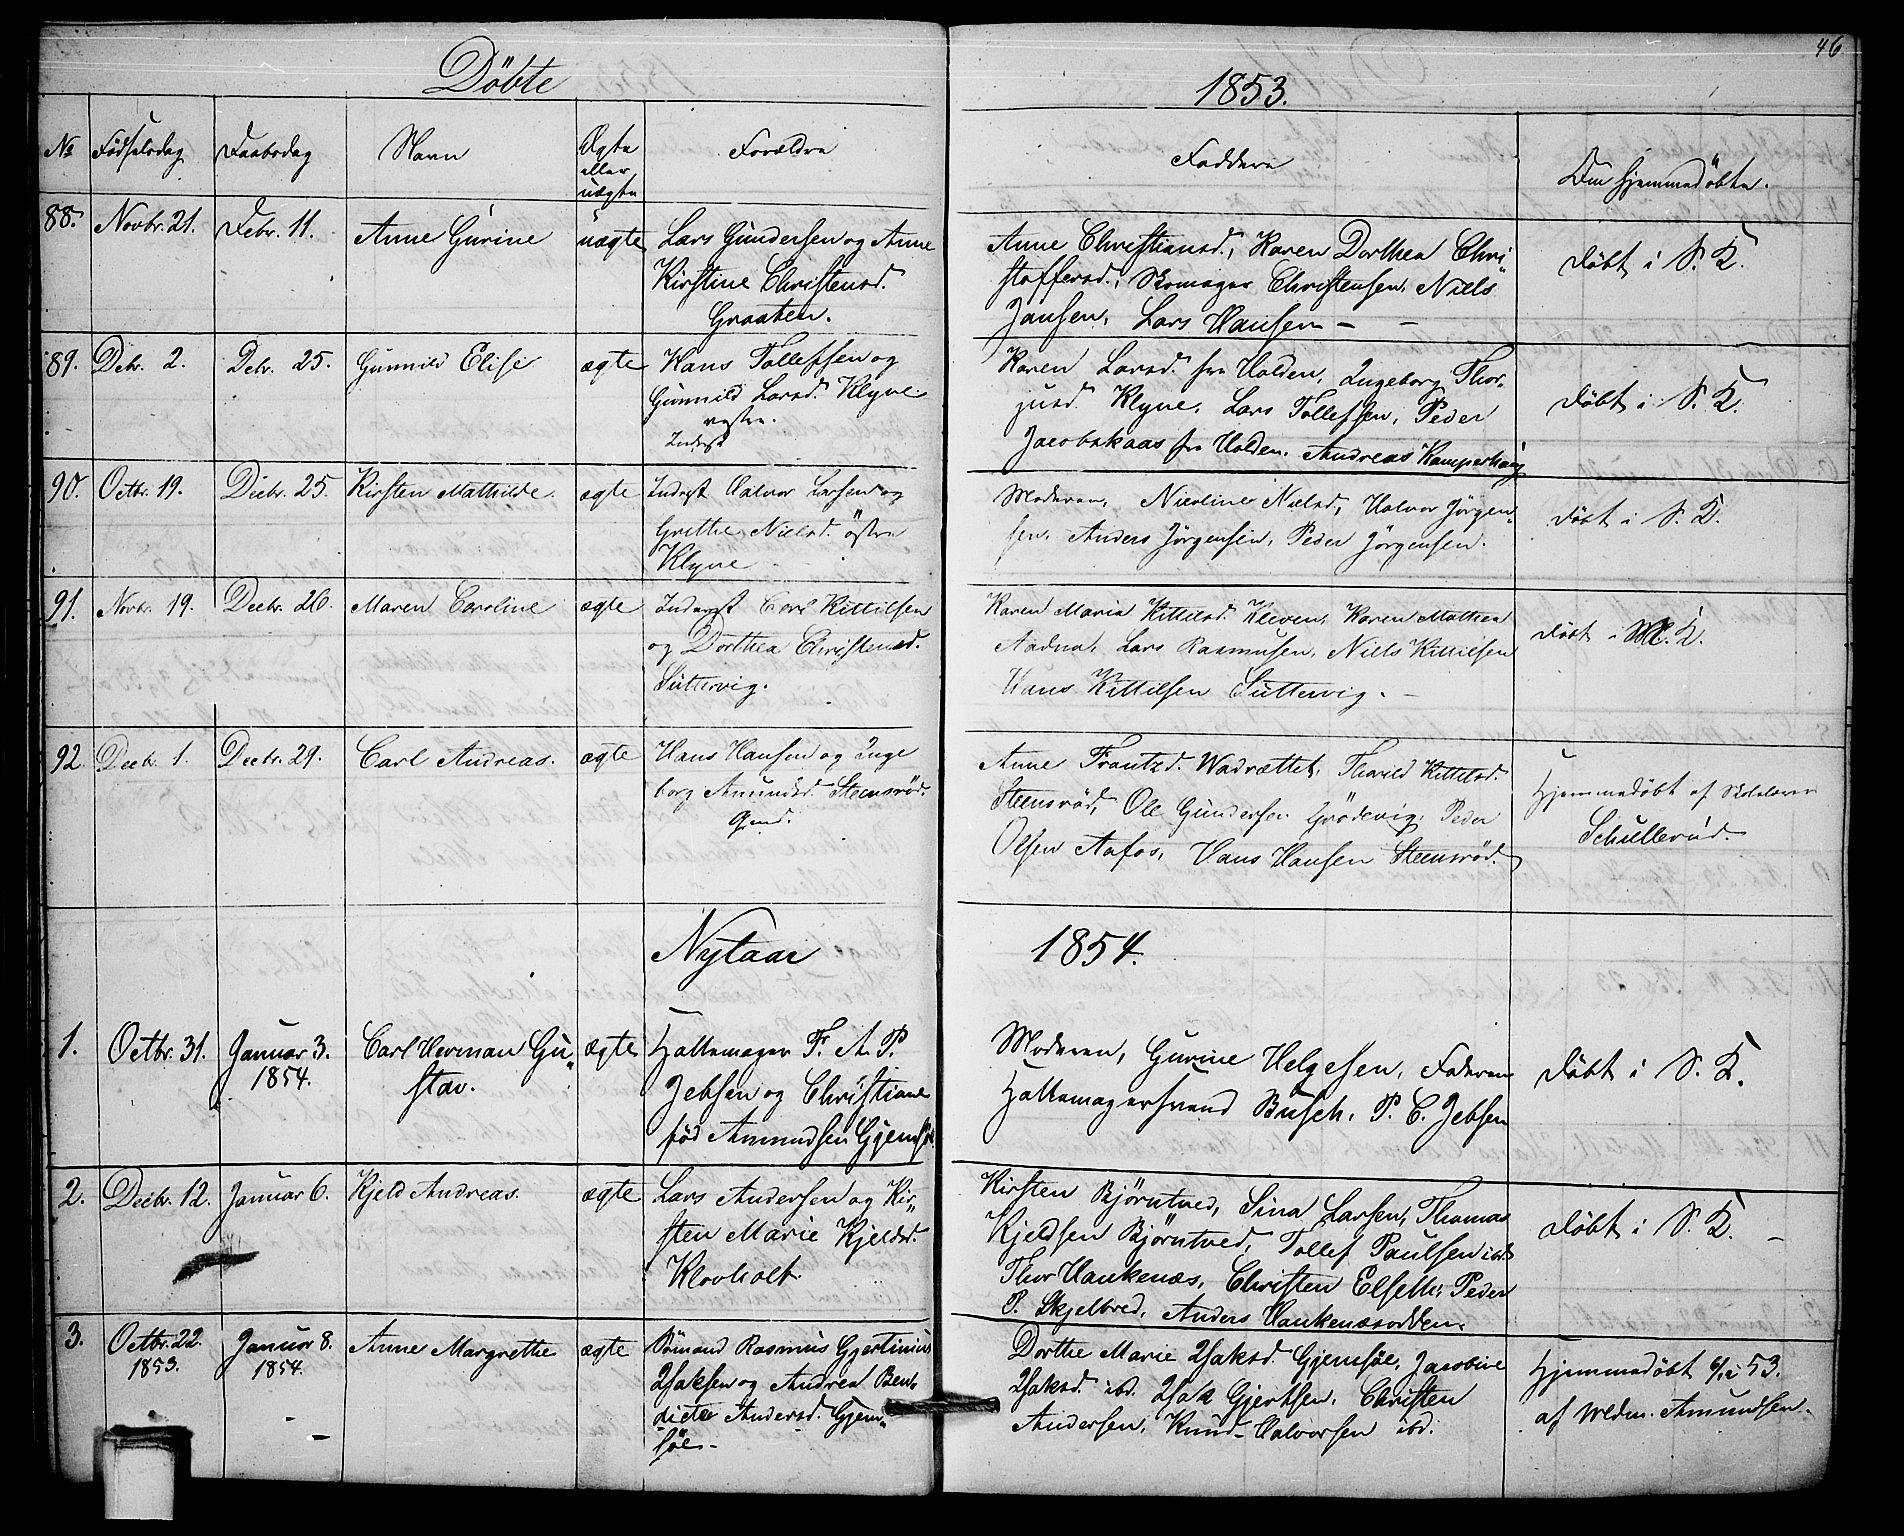 SAKO, Solum kirkebøker, G/Ga/L0003: Klokkerbok nr. I 3, 1848-1859, s. 46